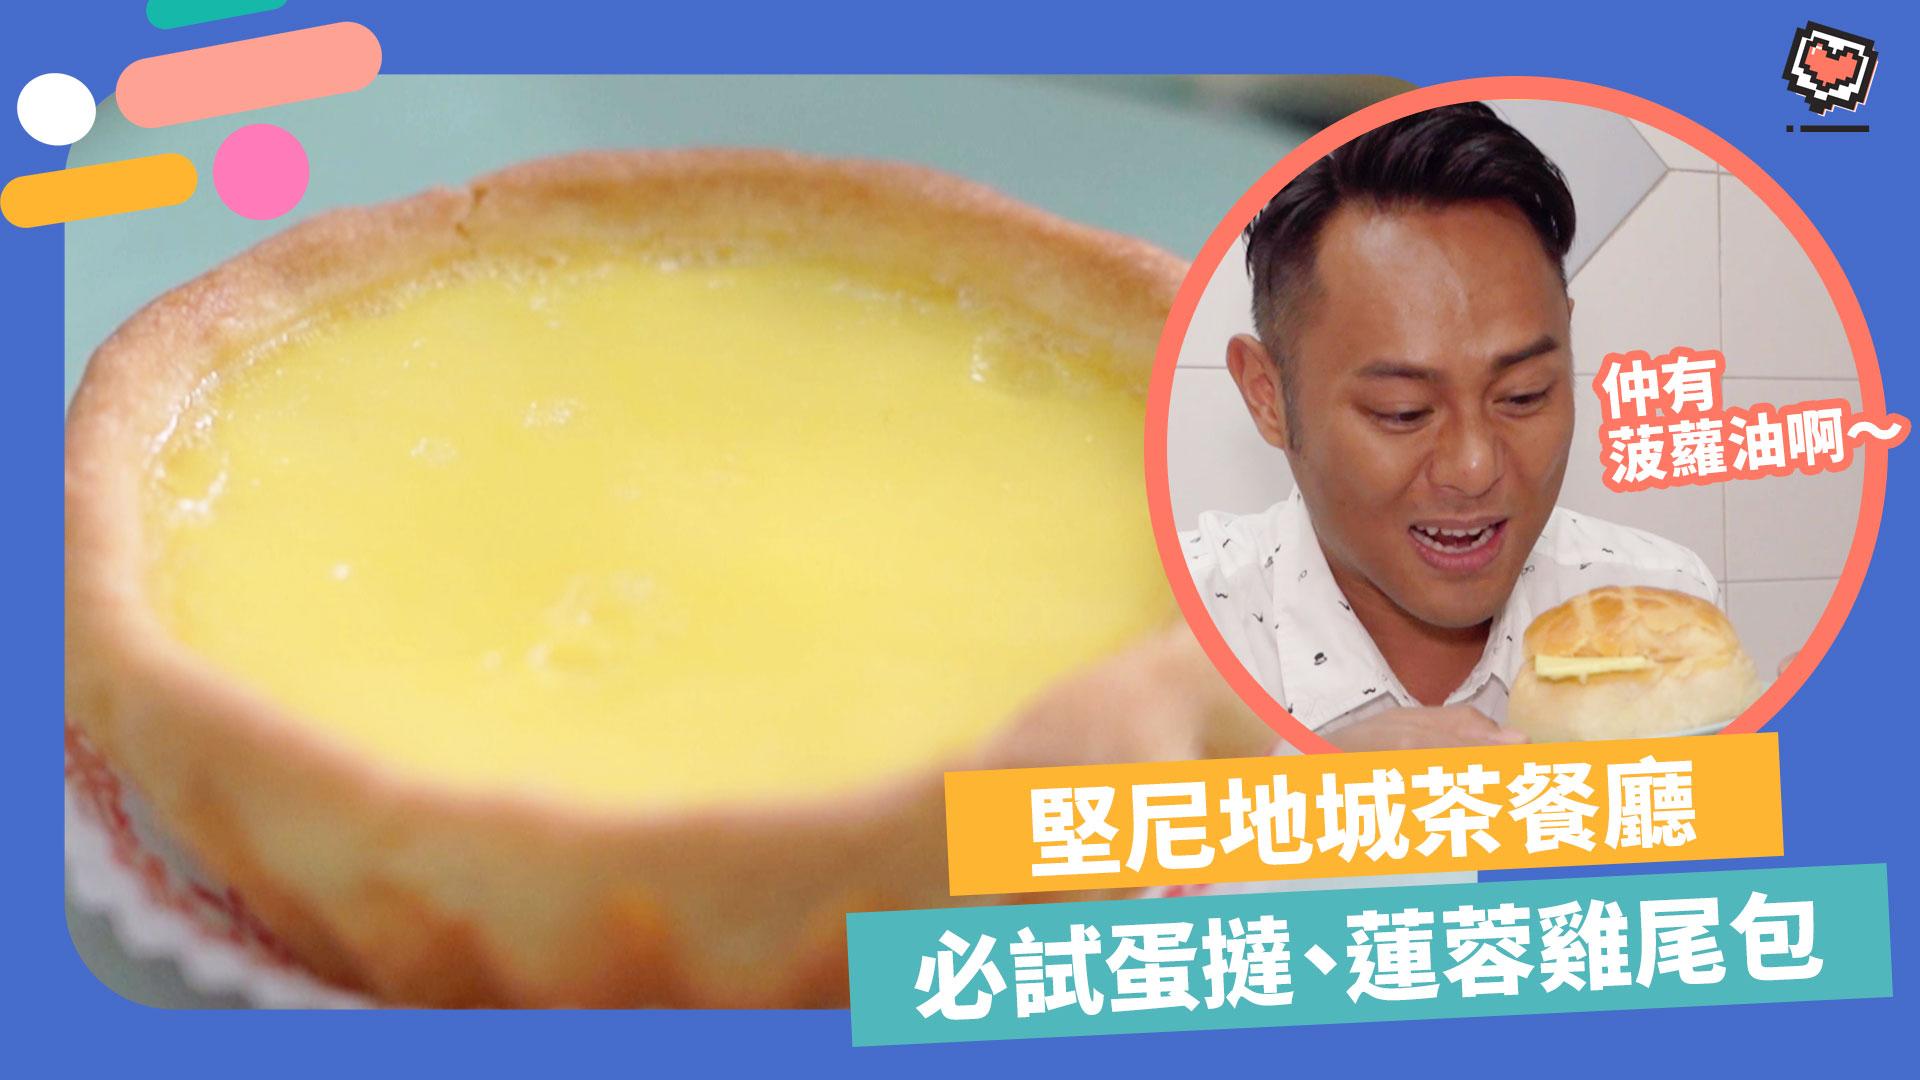 【西環美食】50年茶餐廳街坊店!必試日賣30多盤蛋撻/菠蘿包/蓮蓉雞尾包